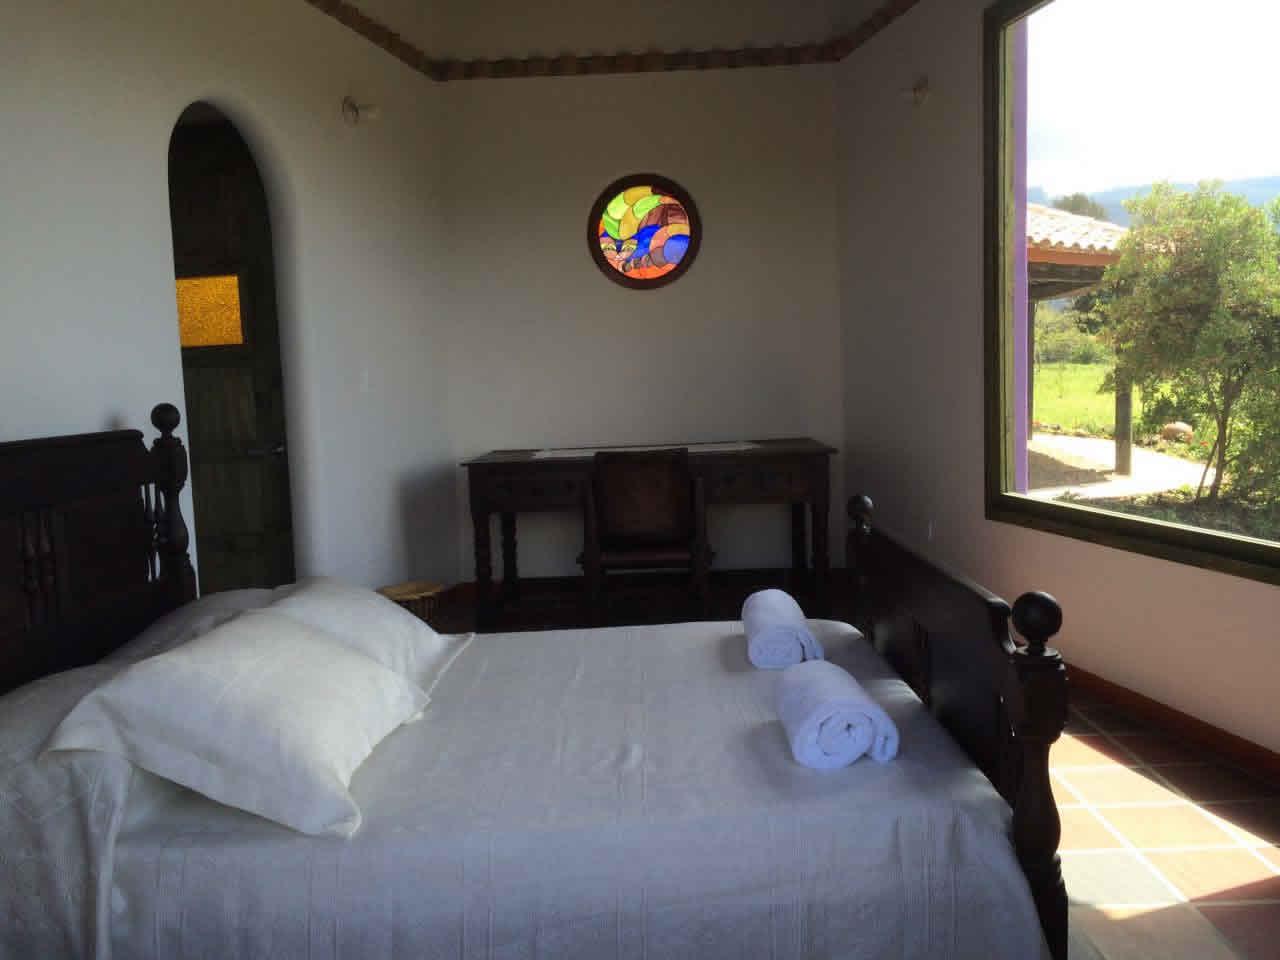 Alquiler casa Jishana Villa de Leyva - Habitación Principal